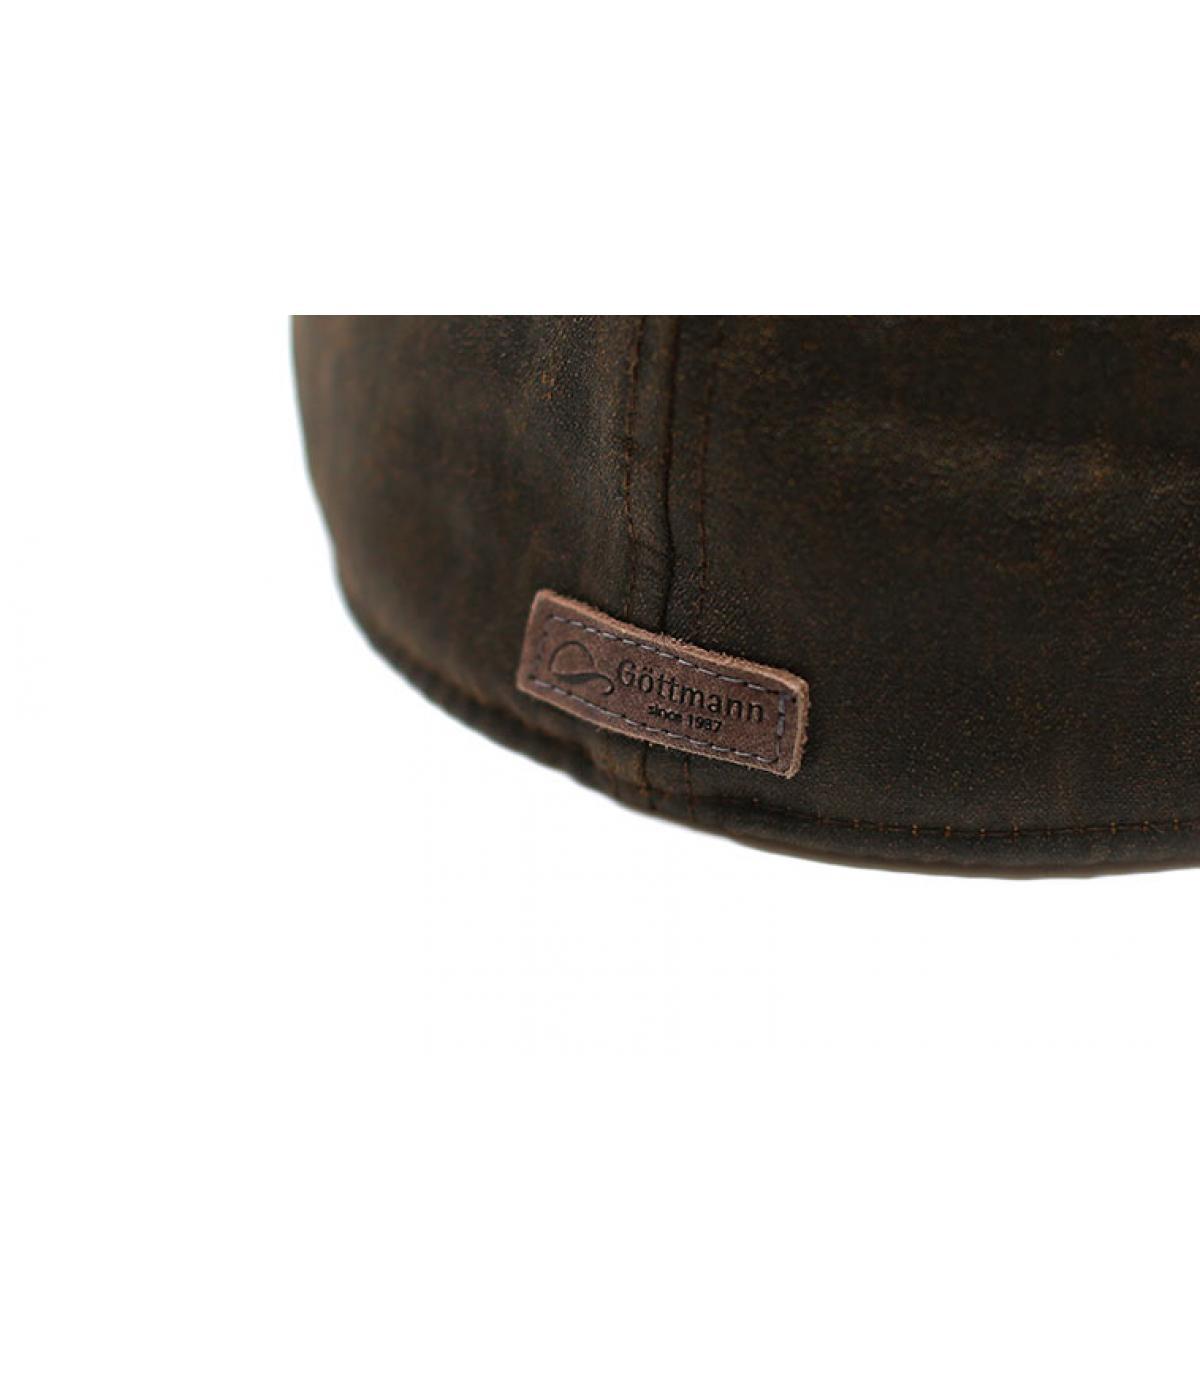 Détails Brentford coton marron - image 3